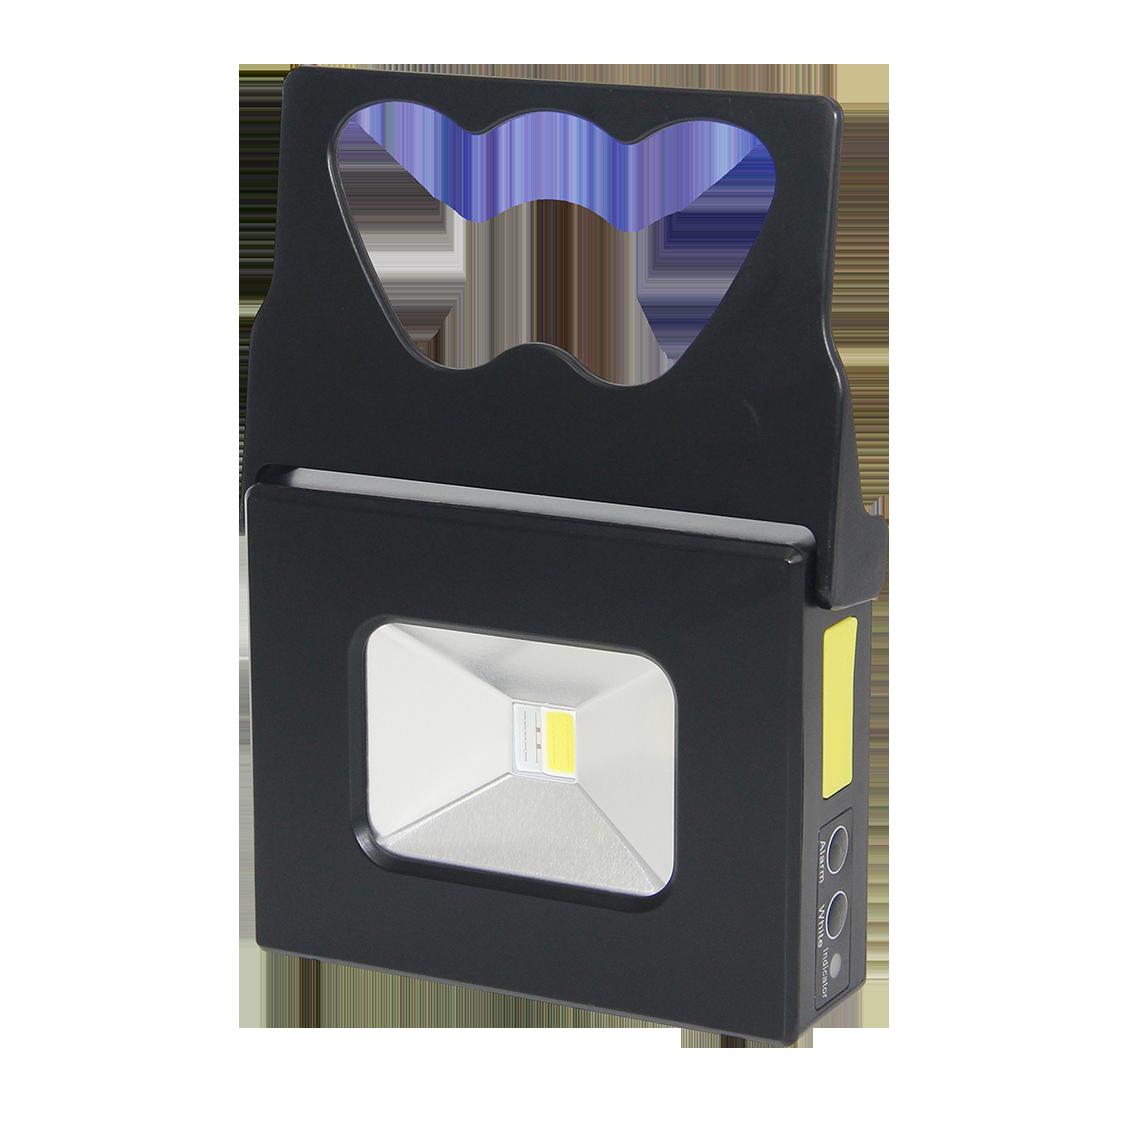 10W Ultrathin Pocket Lamp